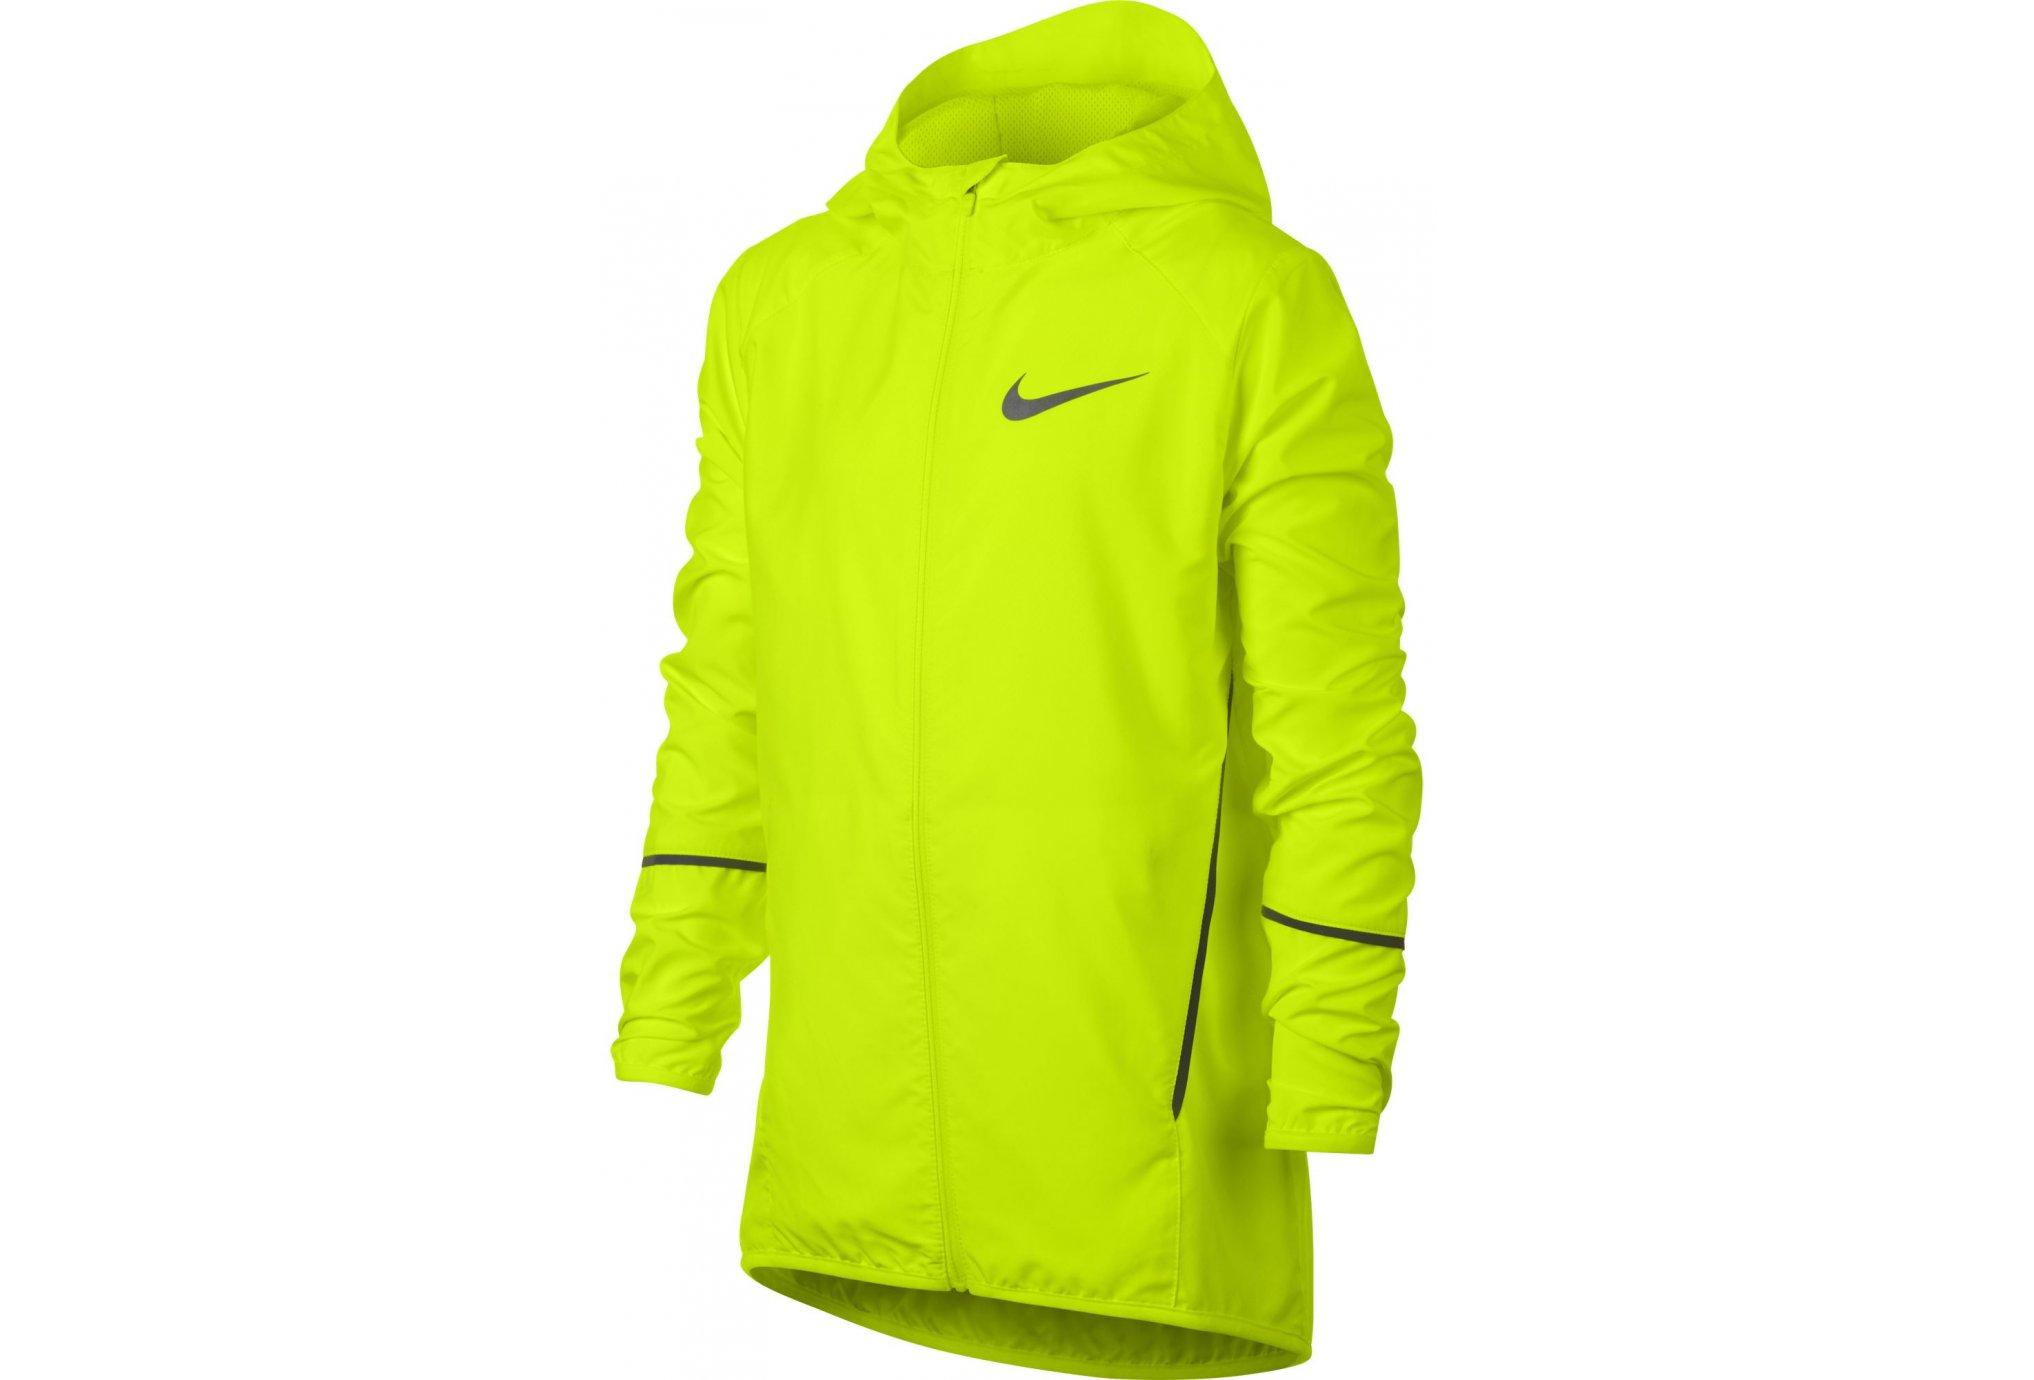 revendeur 2509e 9a320 Nordicfit, Sport et Santé - Nike Run Junior vêtement running ...